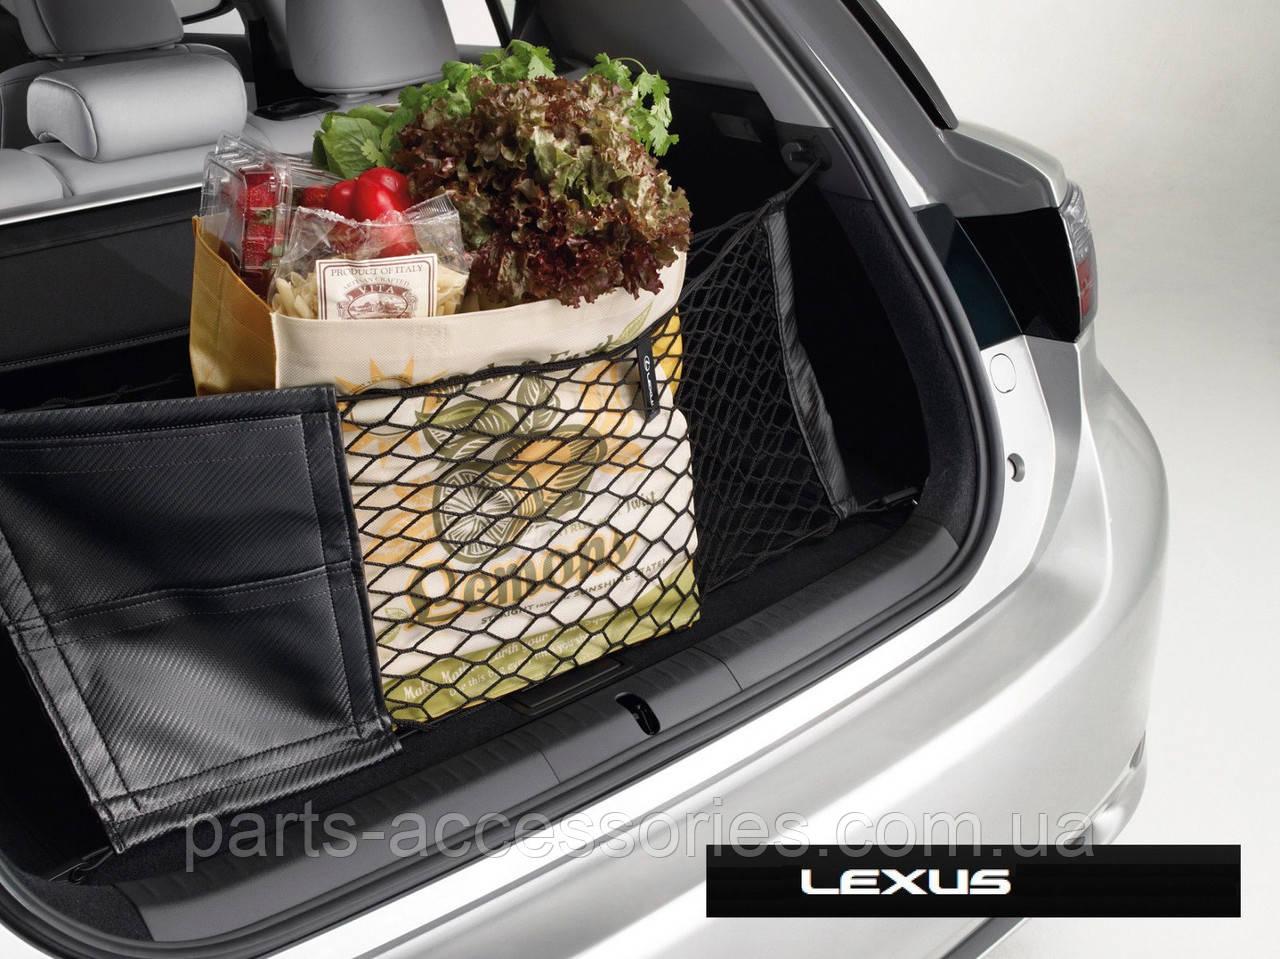 Вертикальная прижимная сетка в багажник Lexus CT200H 2011-16 Новая Оригинал